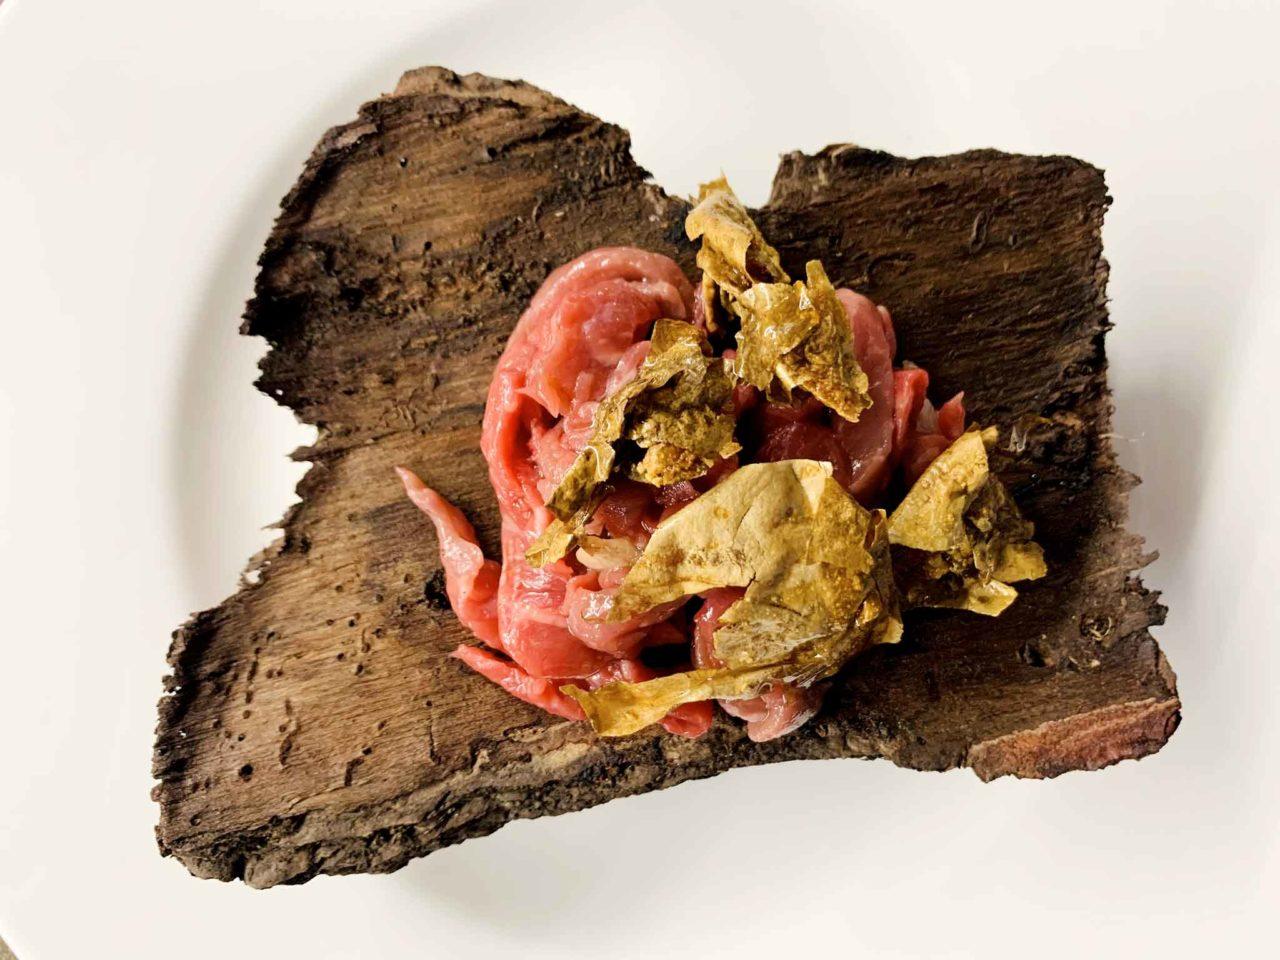 bistecca primitiva a domicilio del ristorante stella Michelin L'Imbuto